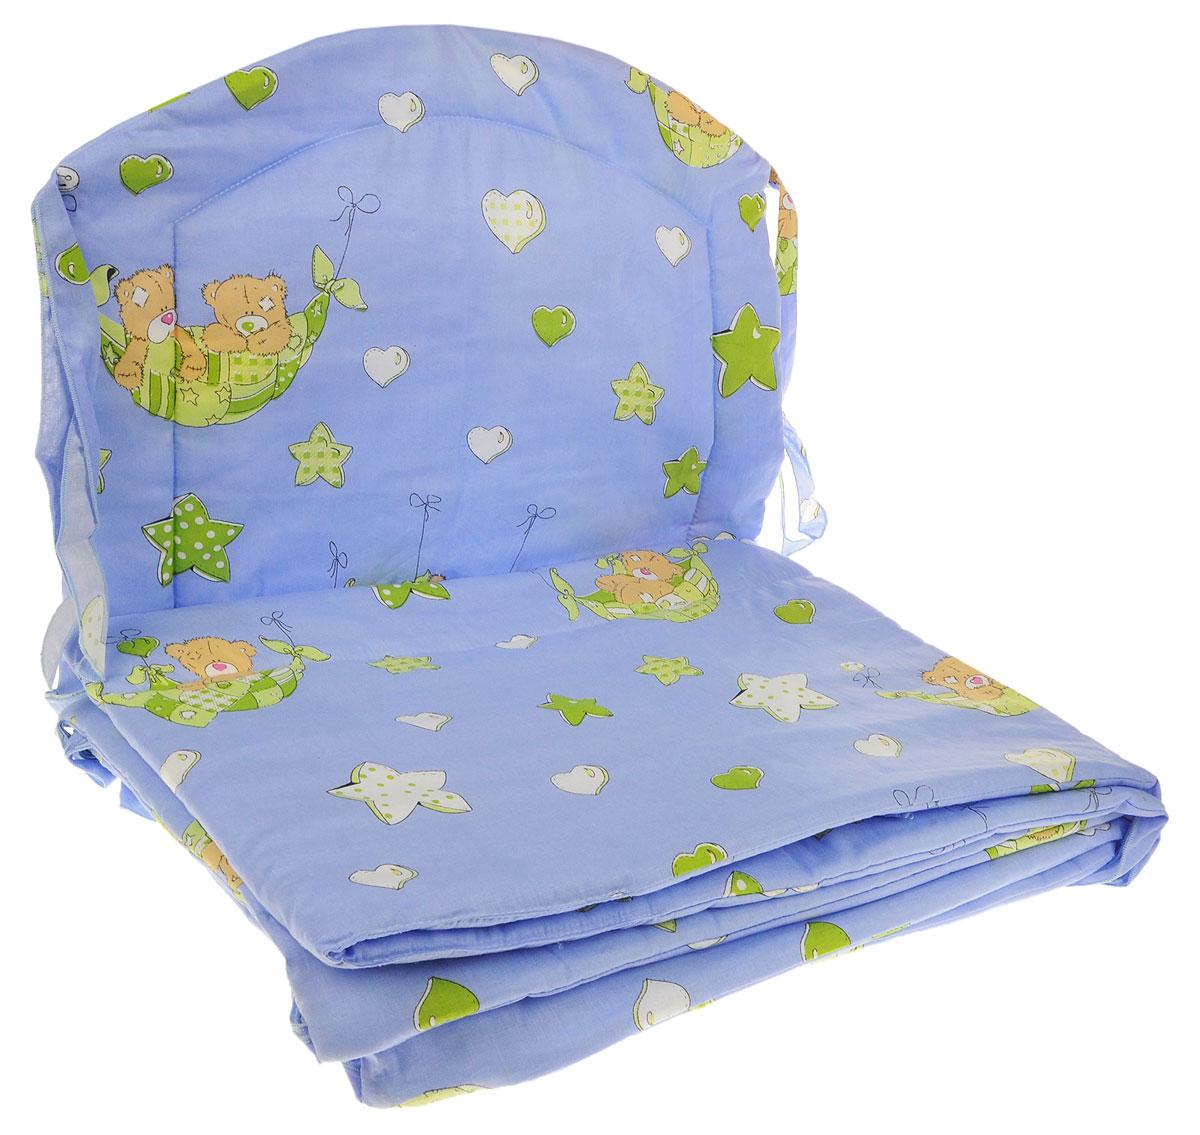 Фея Борт комбинированный 405 Мишка в гамаке цвет голубой -  Бортики, бамперы